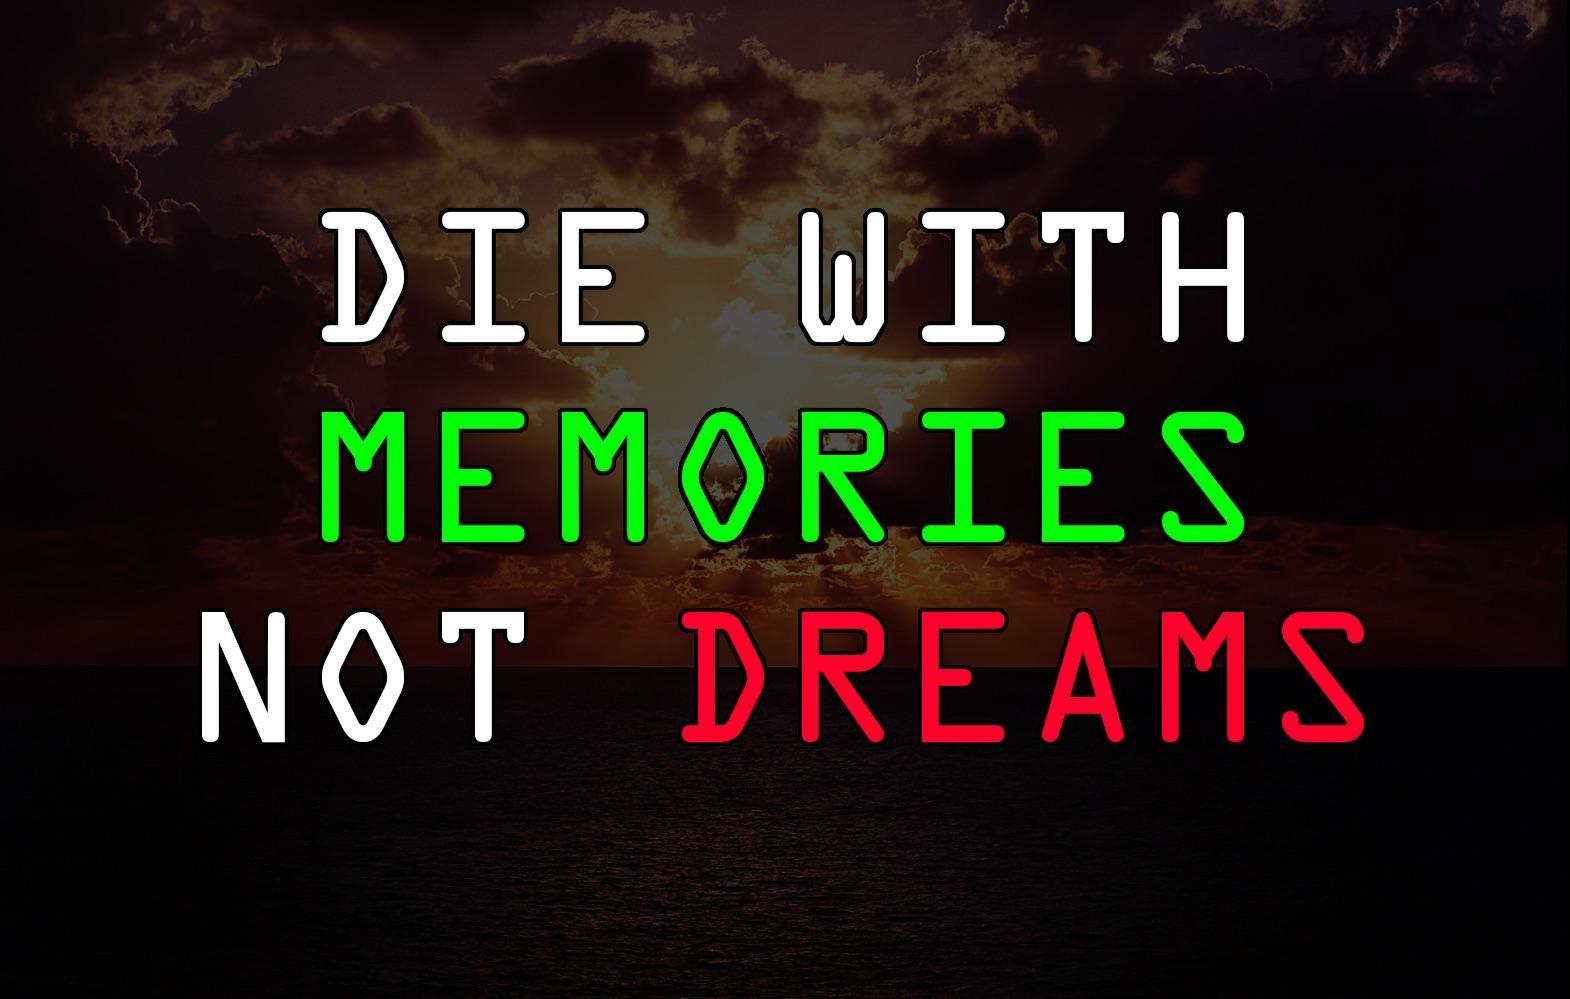 Die With Memories Not Dreams [Image]